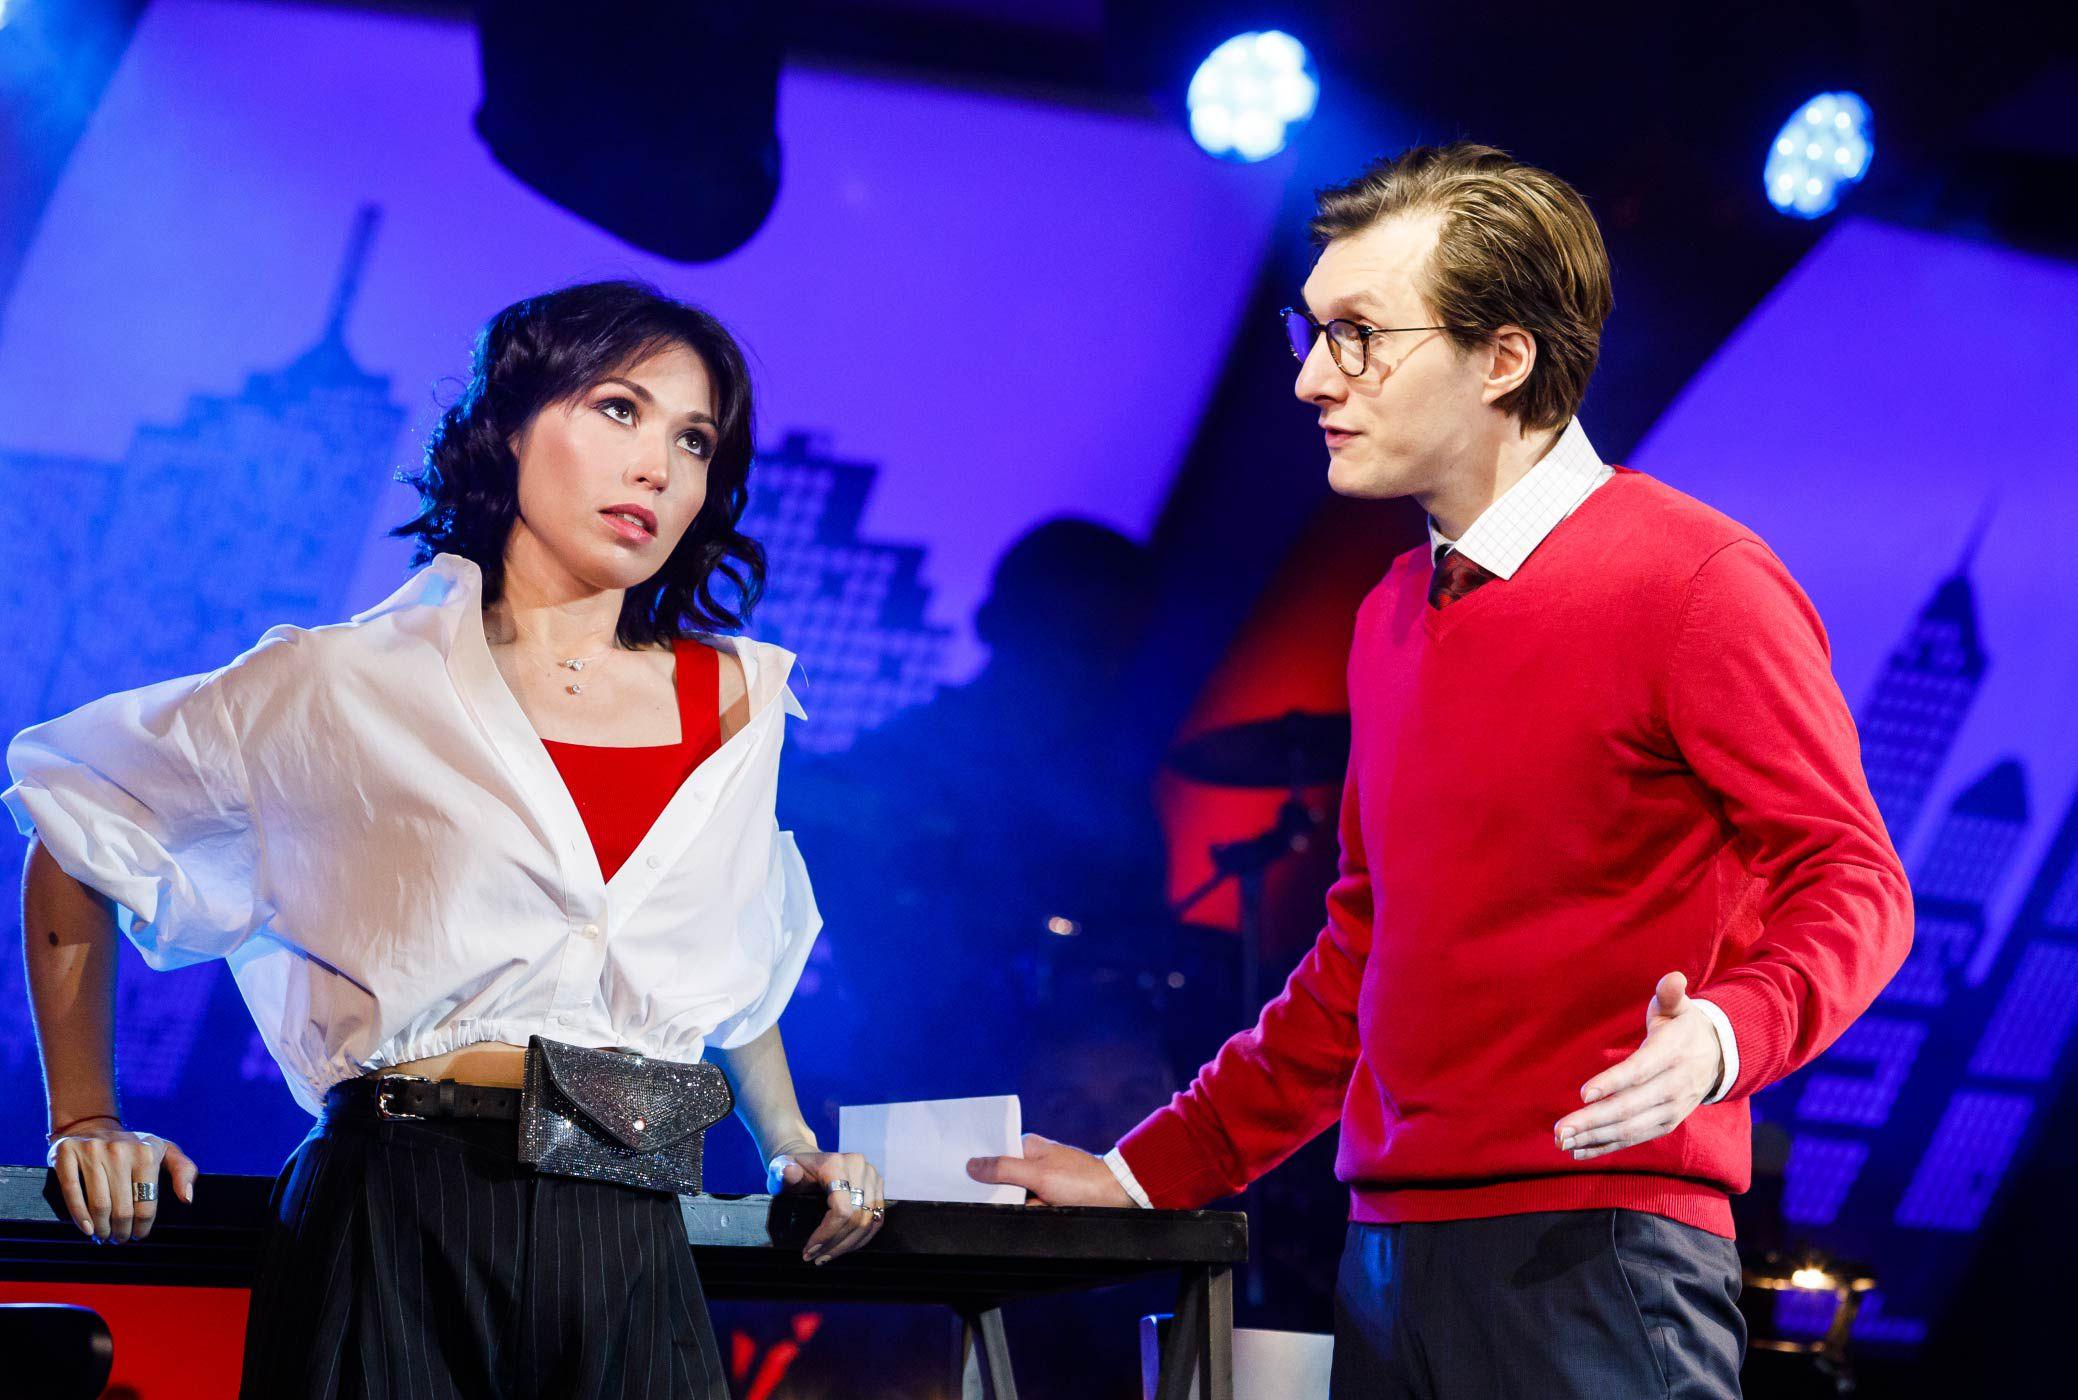 Мюзикл за столиками «День влюблённых» в Театре МДМ фото 1